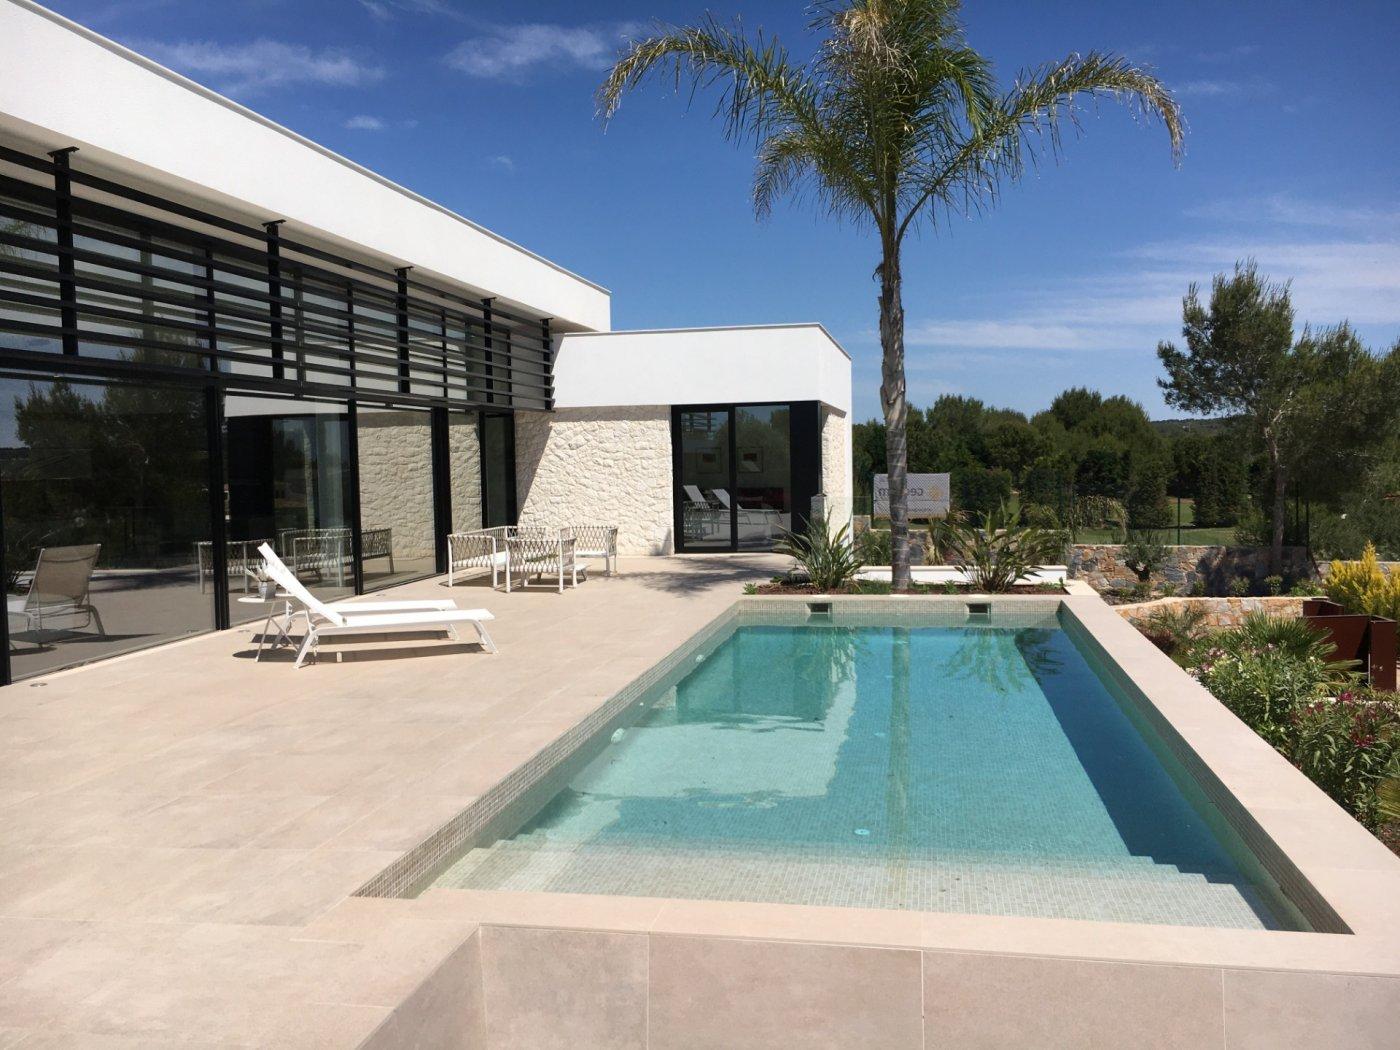 Villa de lujo en primera linea de golf - las colinas - imagenInmueble12